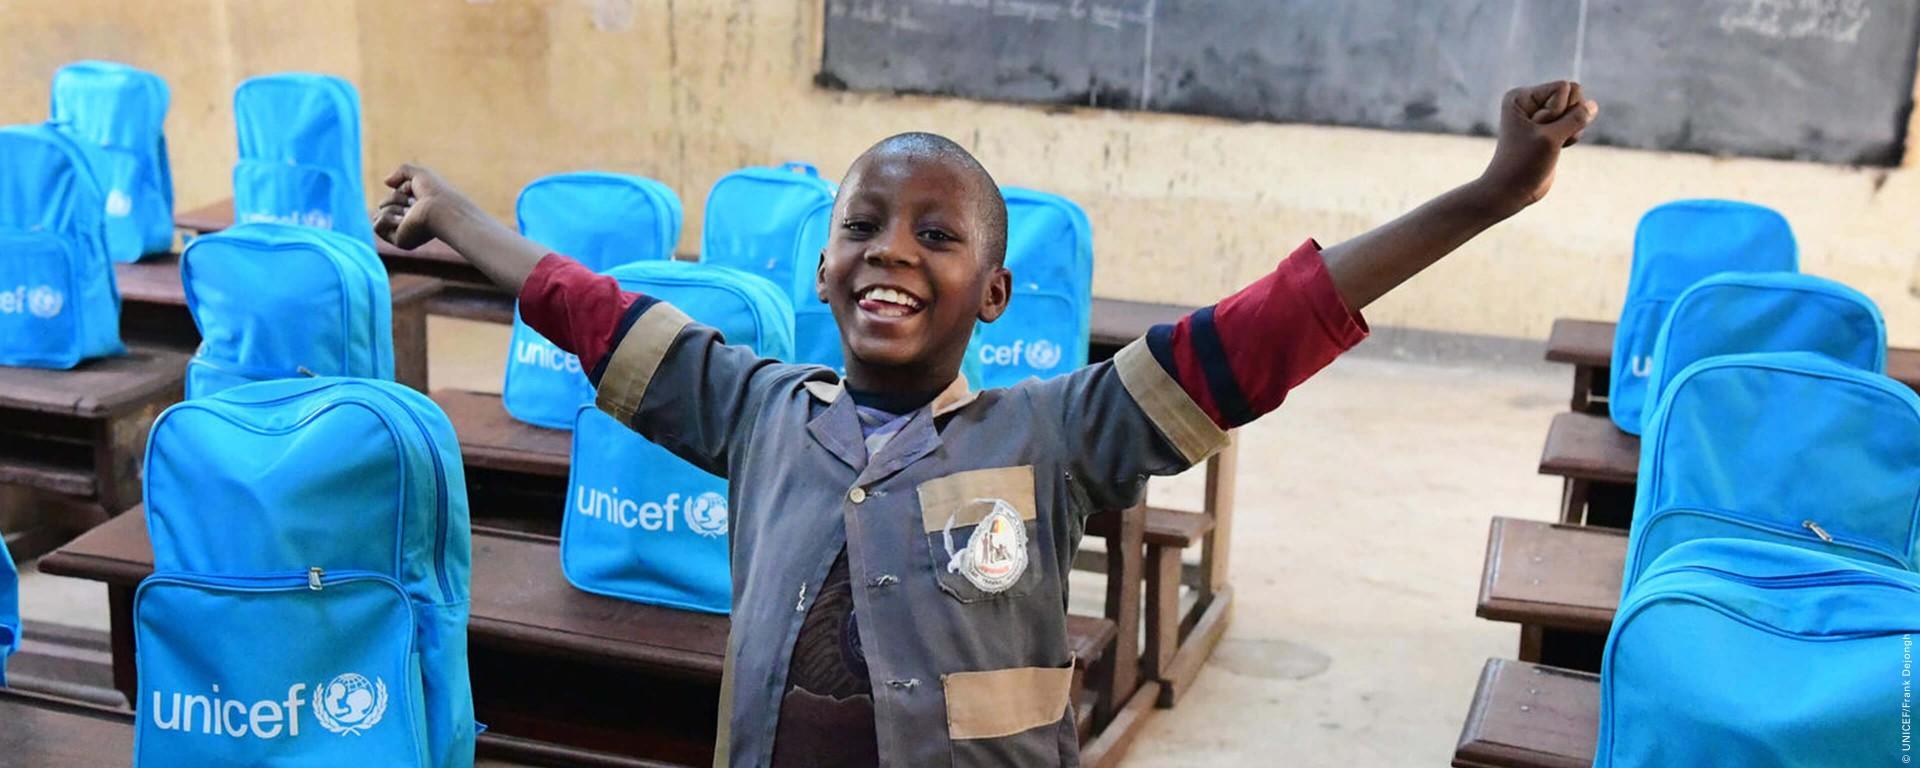 UNICEF Polska - Back to School